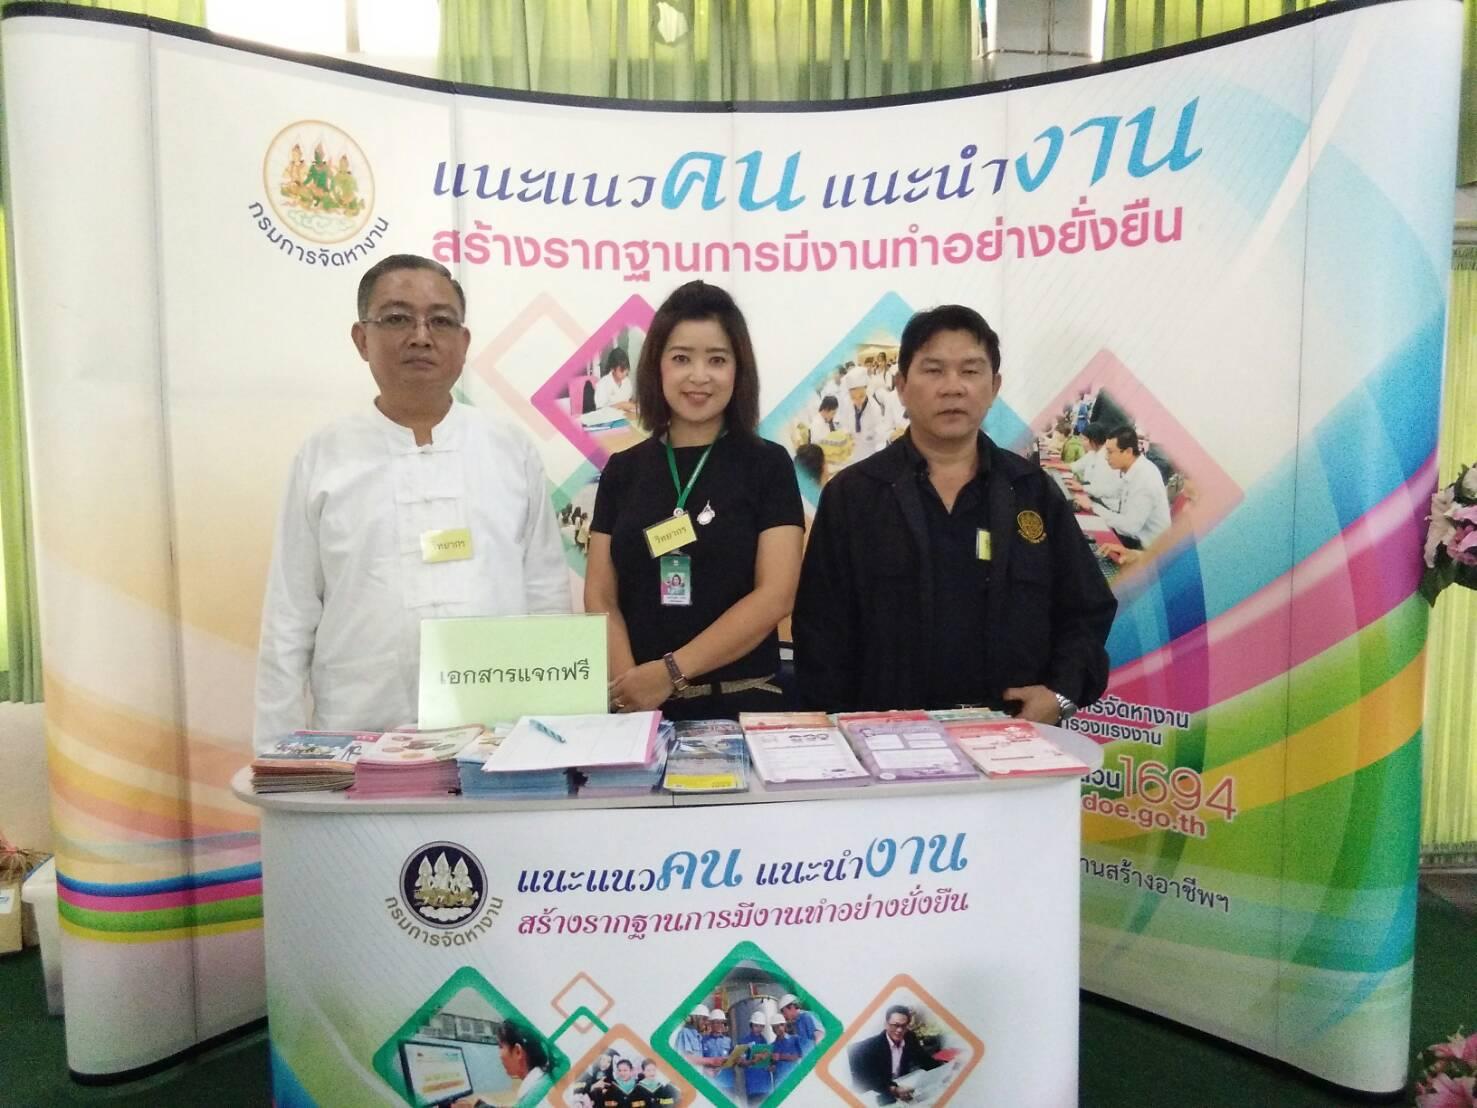 โครงการตลาดแนะแนวอาชีพเคลื่อนที่สู่ไทยแลนด์ 4.0